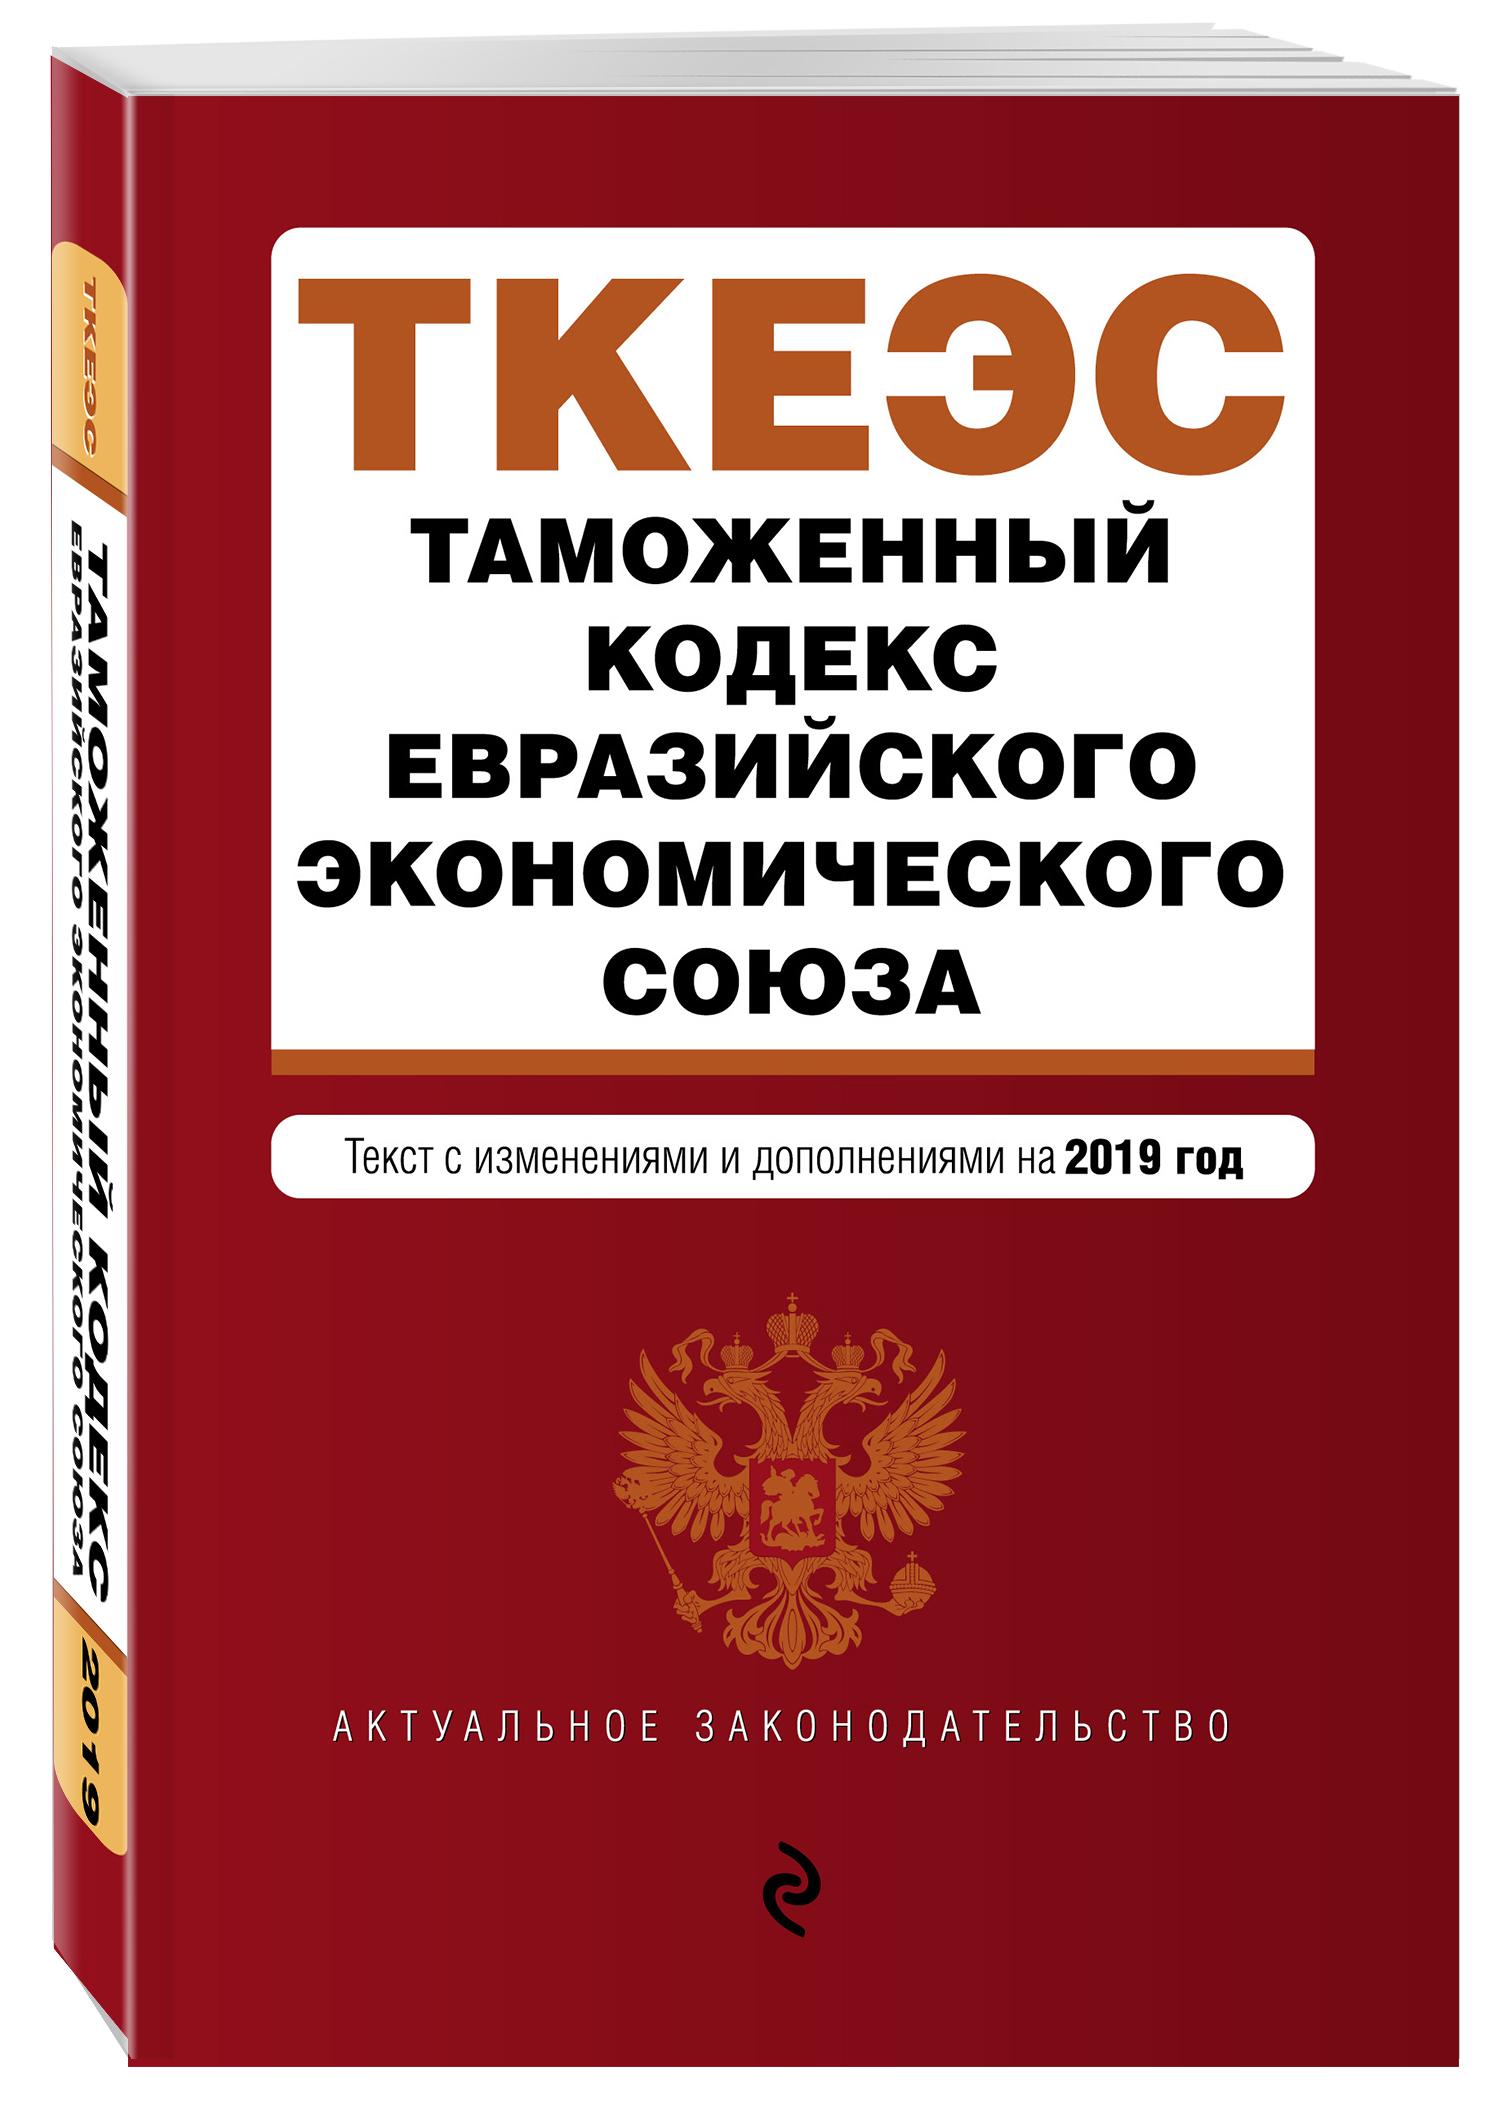 Таможенный кодекс Евразийского экономического союза. Текст с изм. и доп. на 2019 г. таможенный кодекс евразийского экономического союза текст с изменениями и дополнениями на 2018 год